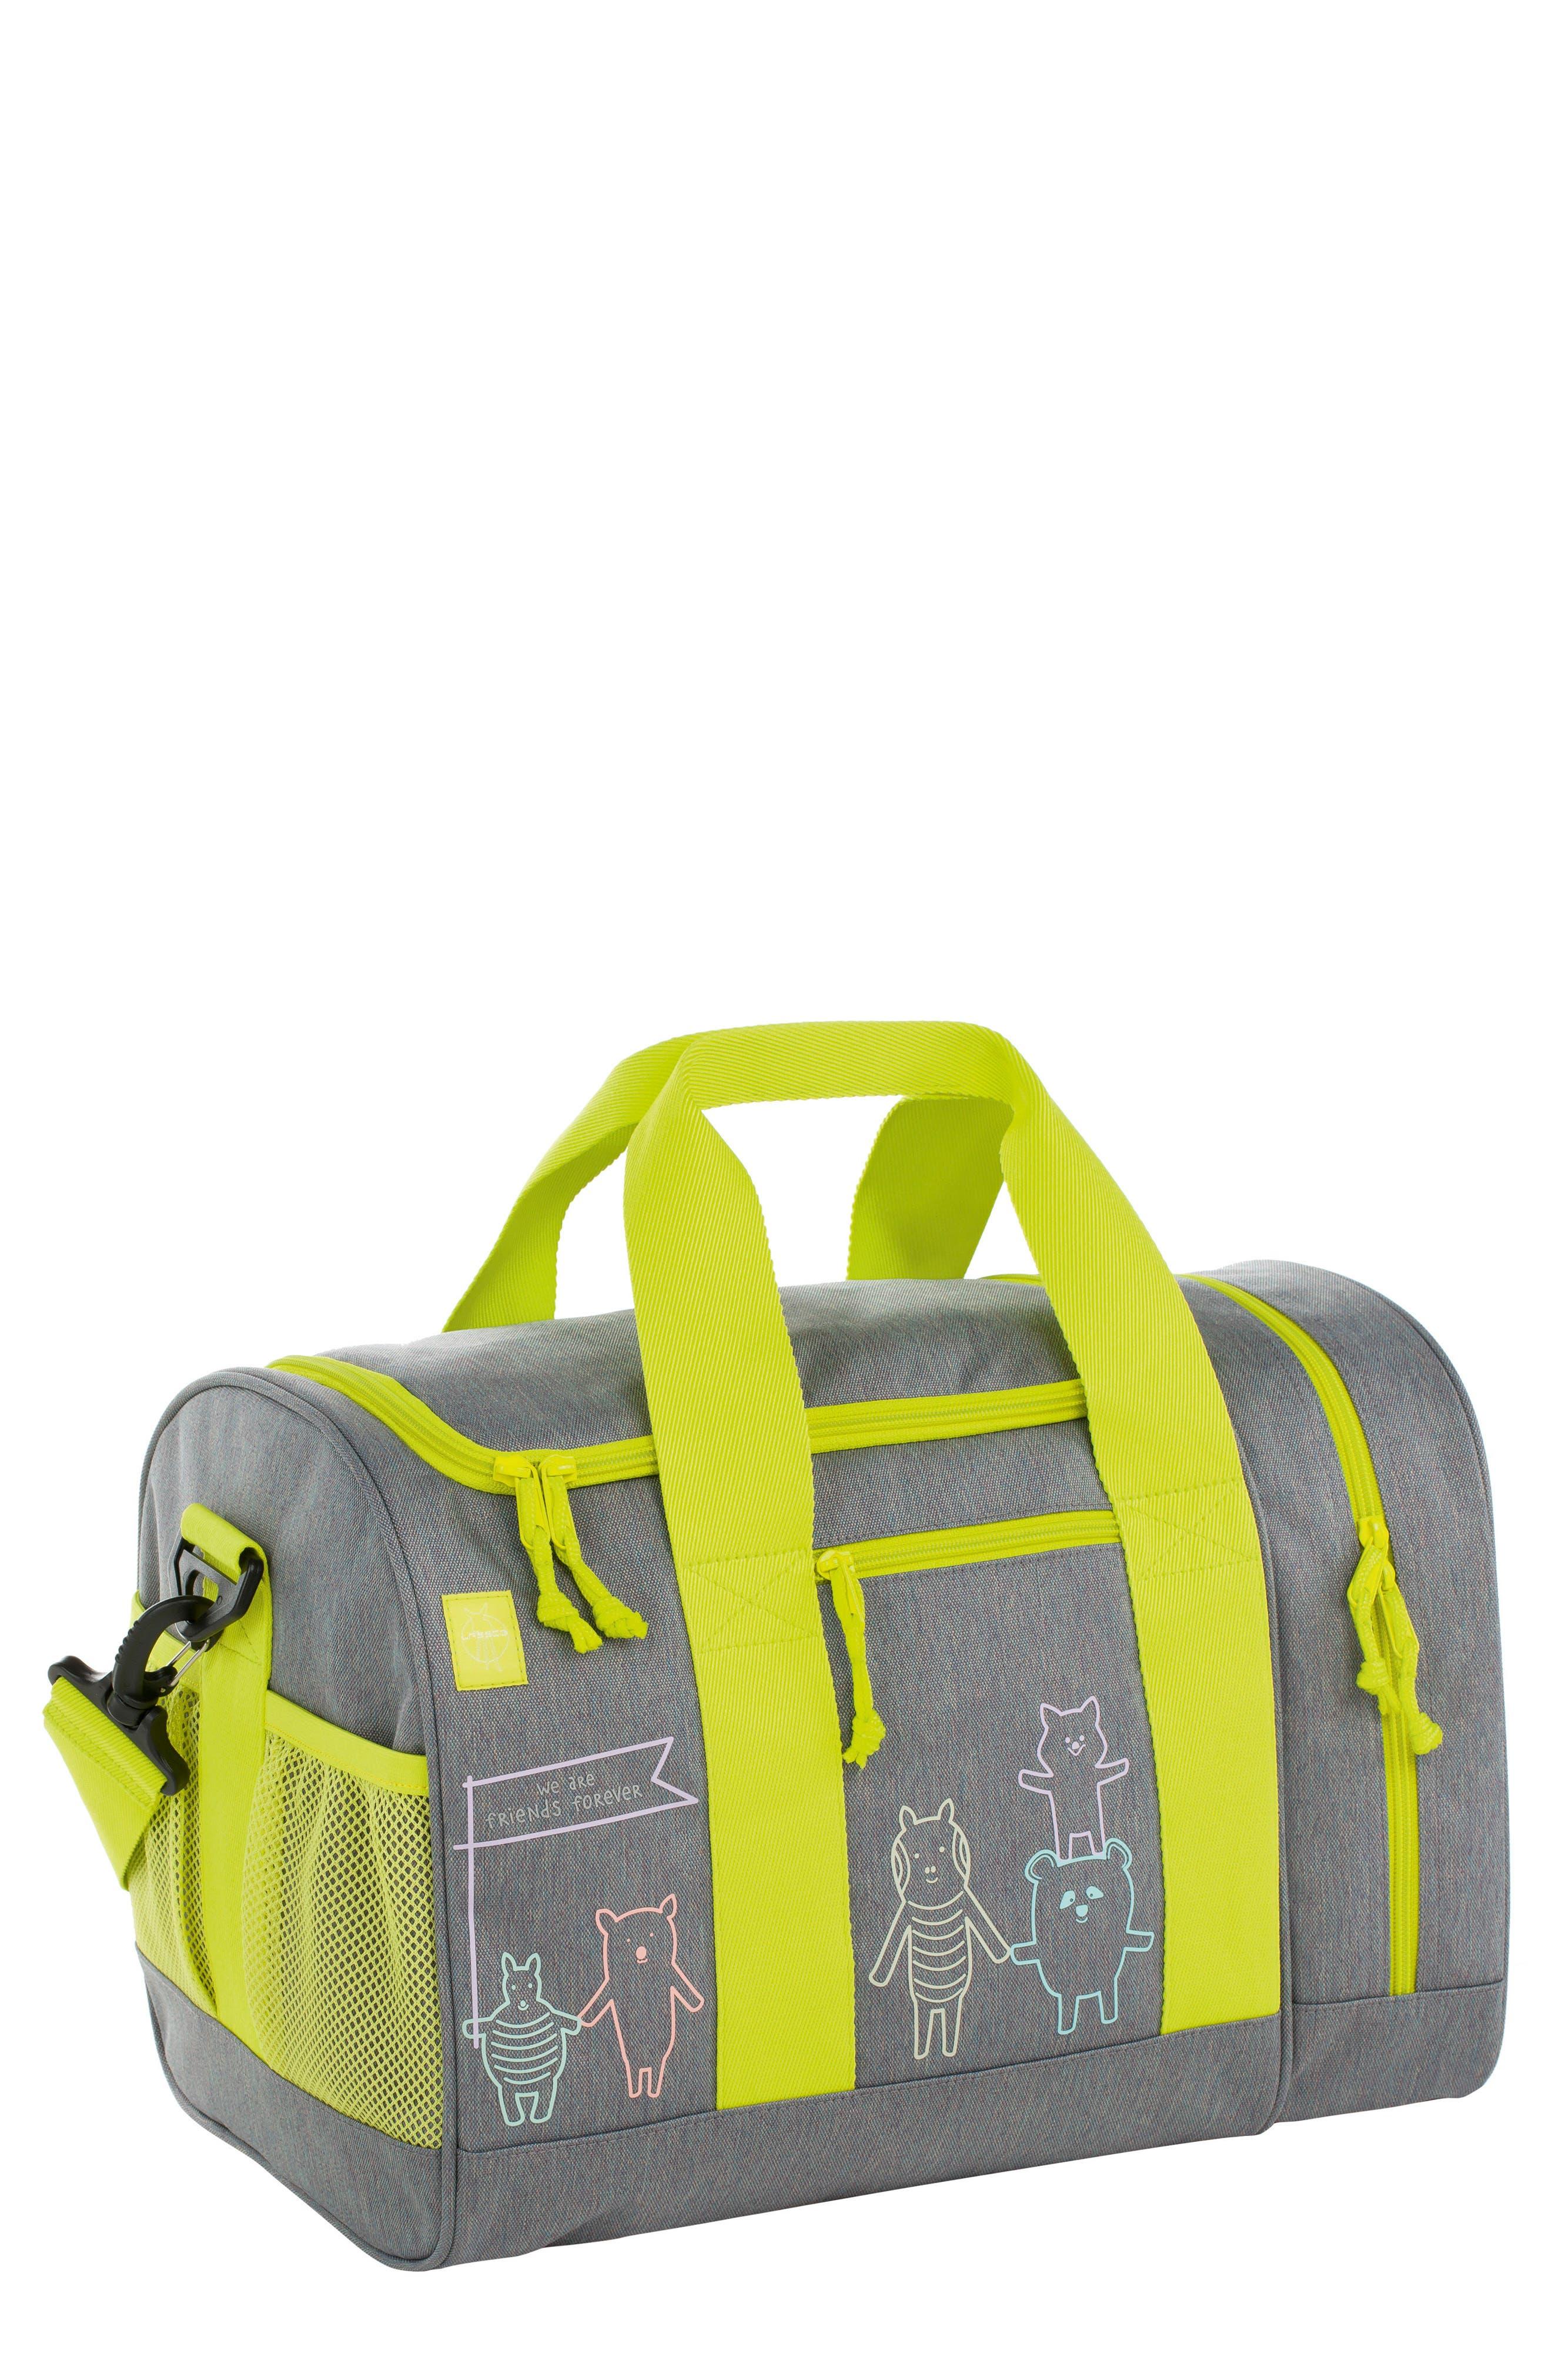 Mini About Friends Duffel Bag,                         Main,                         color, Melange Grey